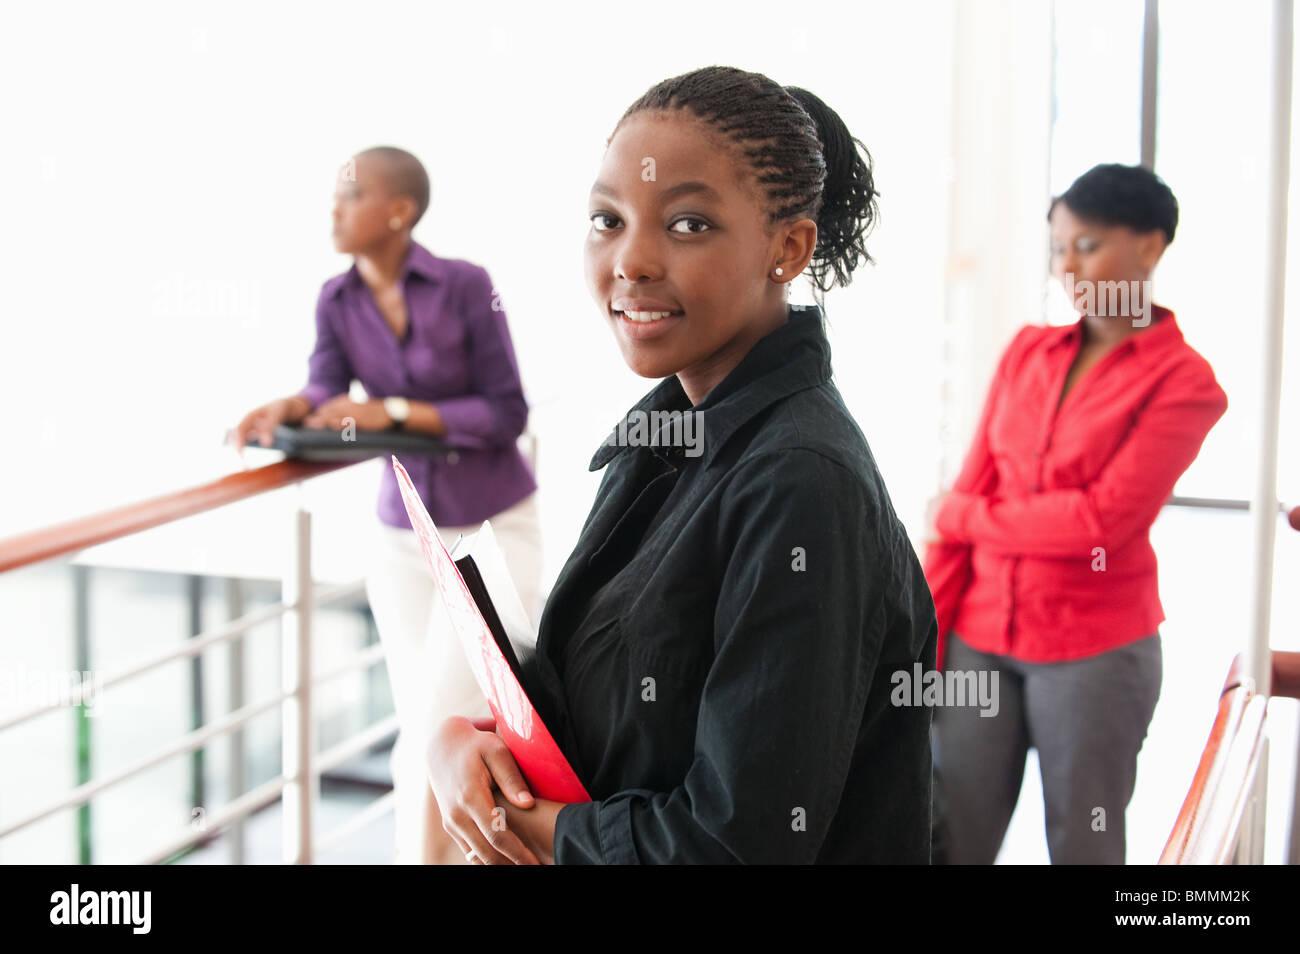 Ritratto di giovane imprenditrice con due donne in background, Johannesburg, provincia di Gauteng, Sud Africa Immagini Stock